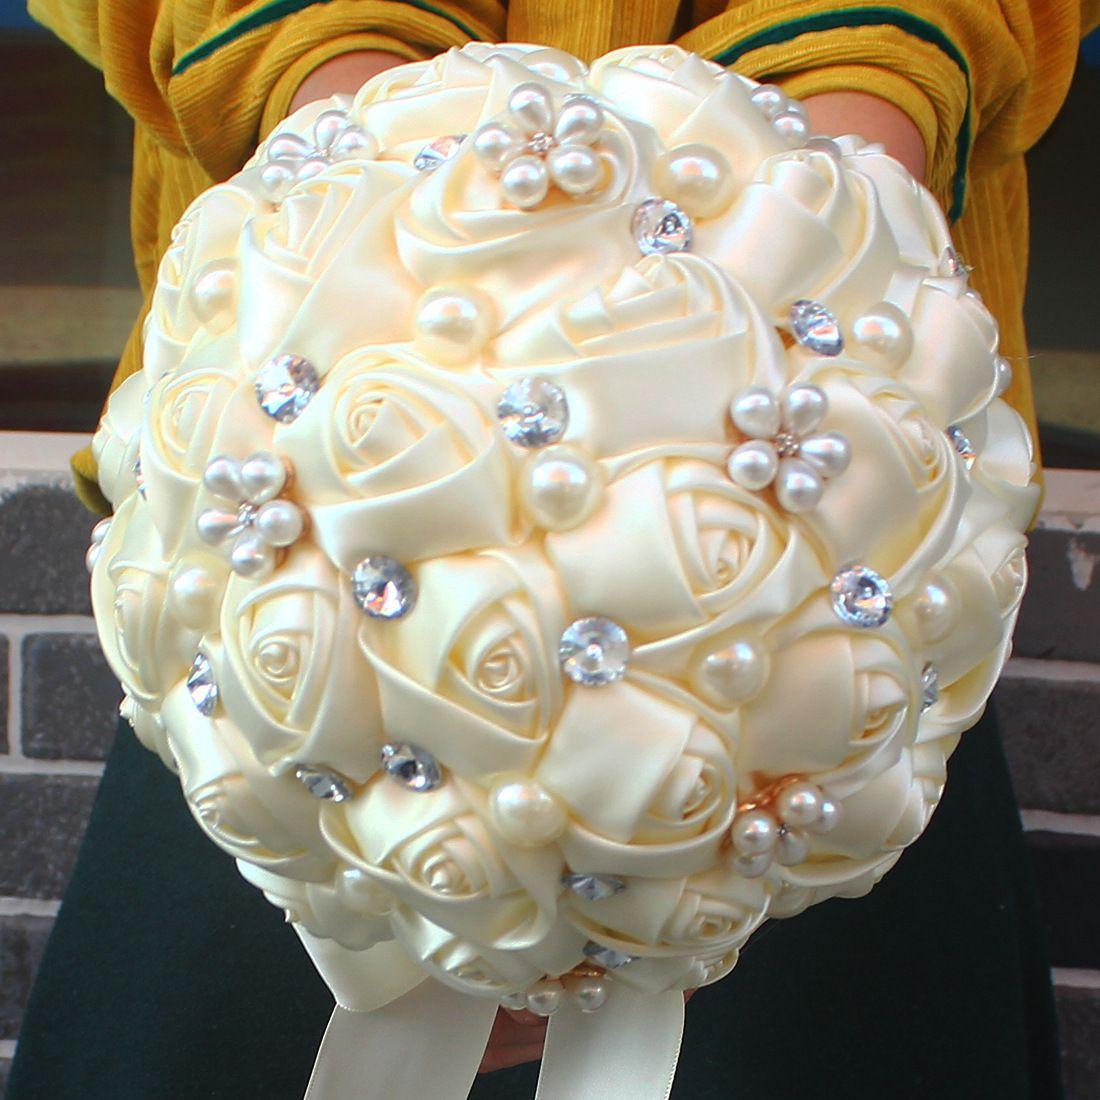 Bouquet Sposa Con Perle.Acquista Bouquet Da Sposa Matrimoni Nuziali Con Perle In Cristallo